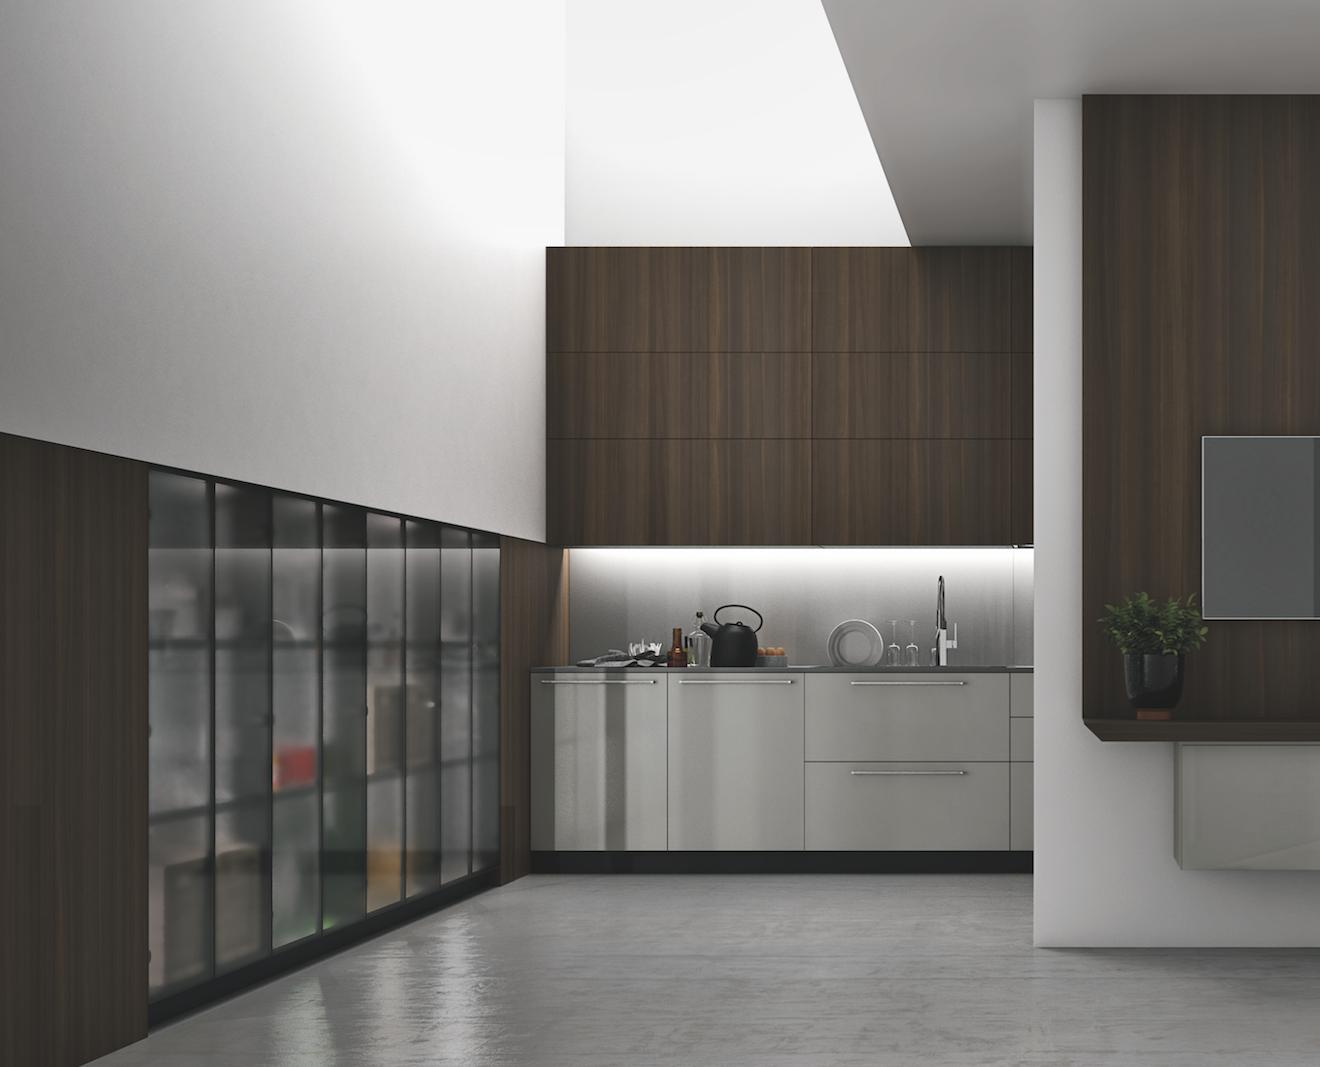 Credenze e vetrinette moderne in soggiorno | Cucine nel 2019 ...